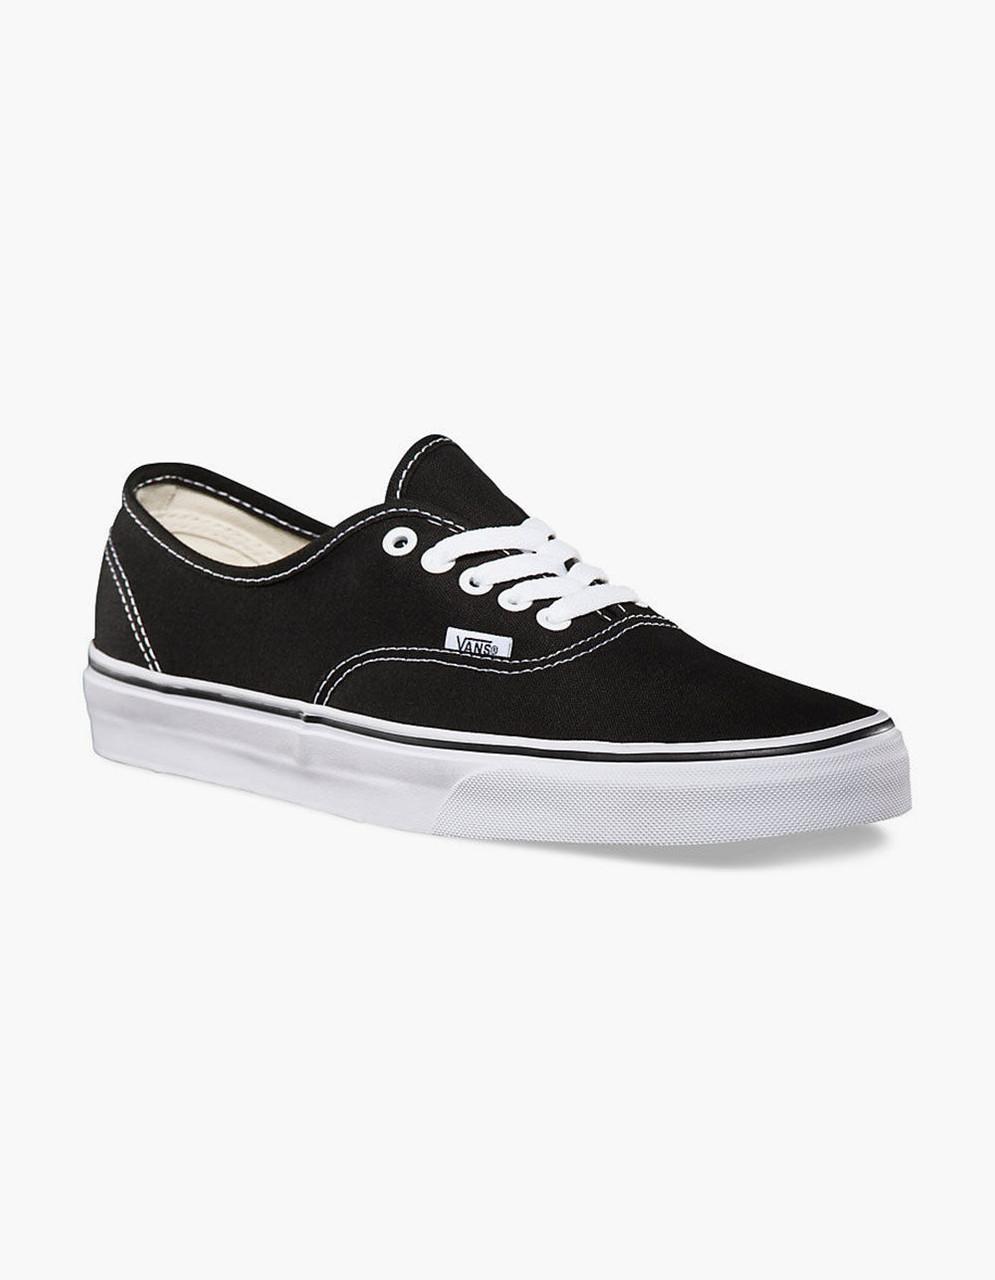 Vans Men's Authentic-Black